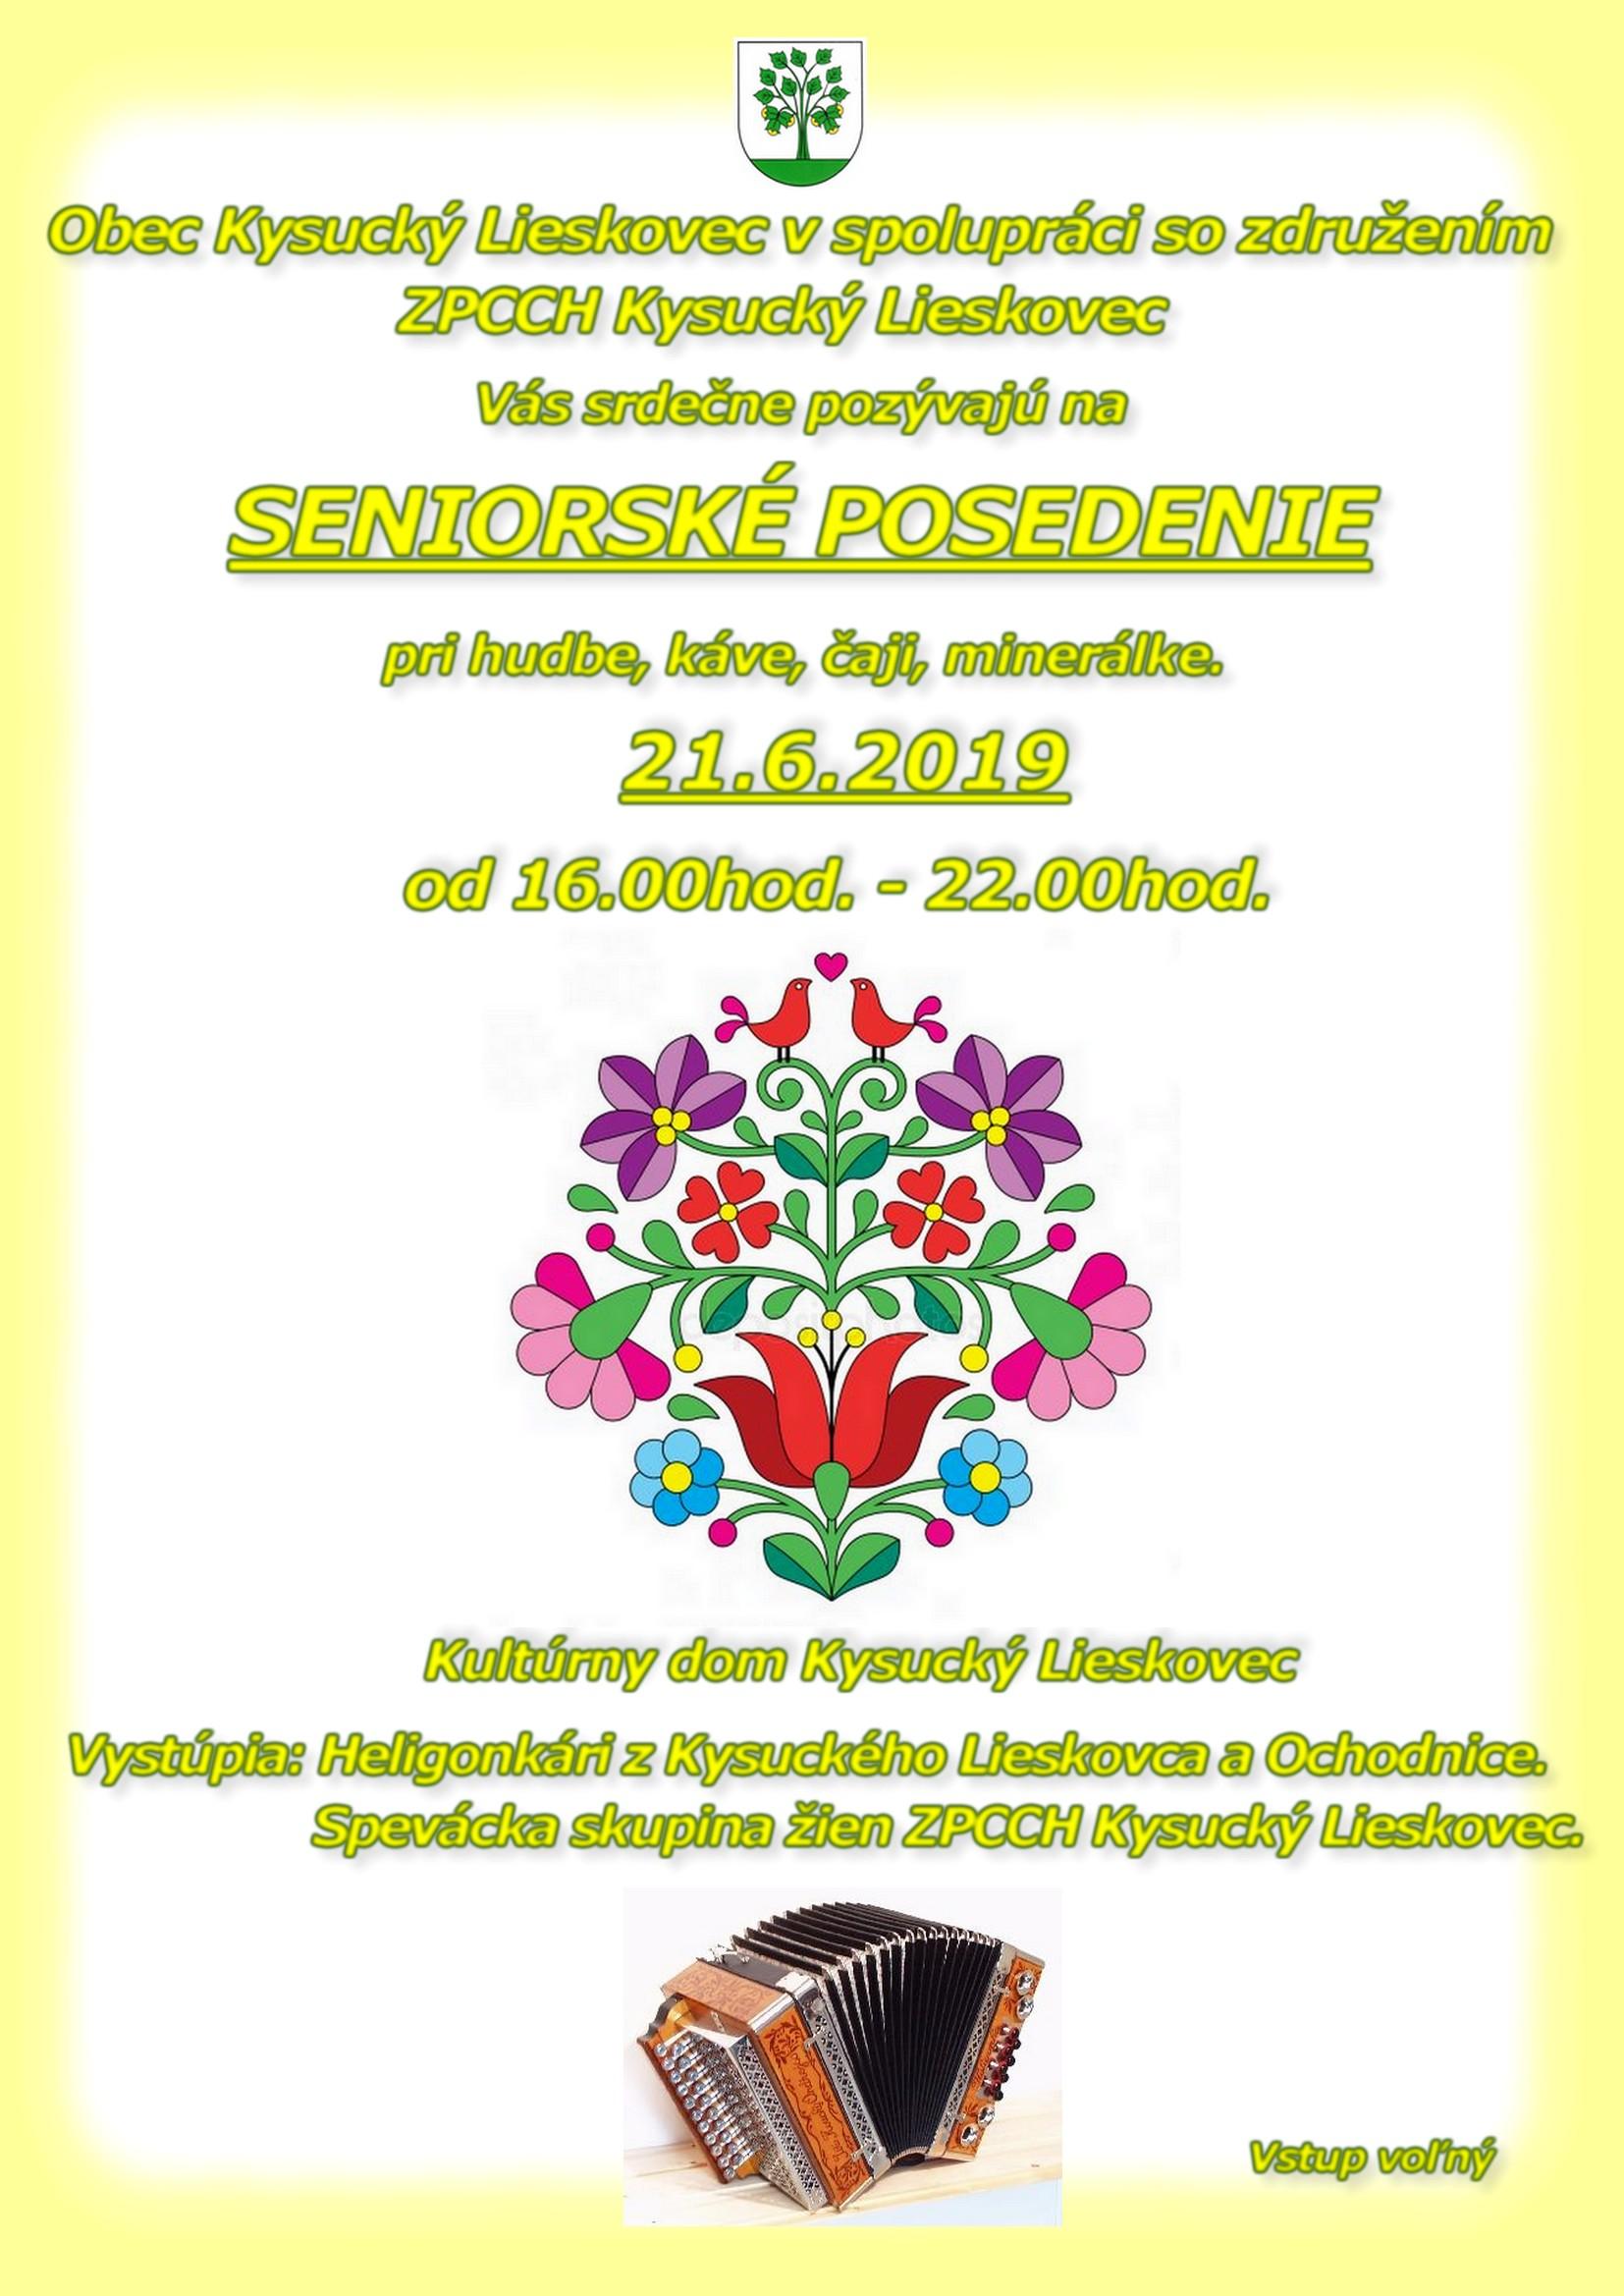 Landsbyen Kysucky Lieskovec i samarbejde med foreningen ZPCCH Kysucky Lieskovec inviterer dig til SENIOR ASSEMBLY 21.6.2019 fra 16:00 til 22:00.